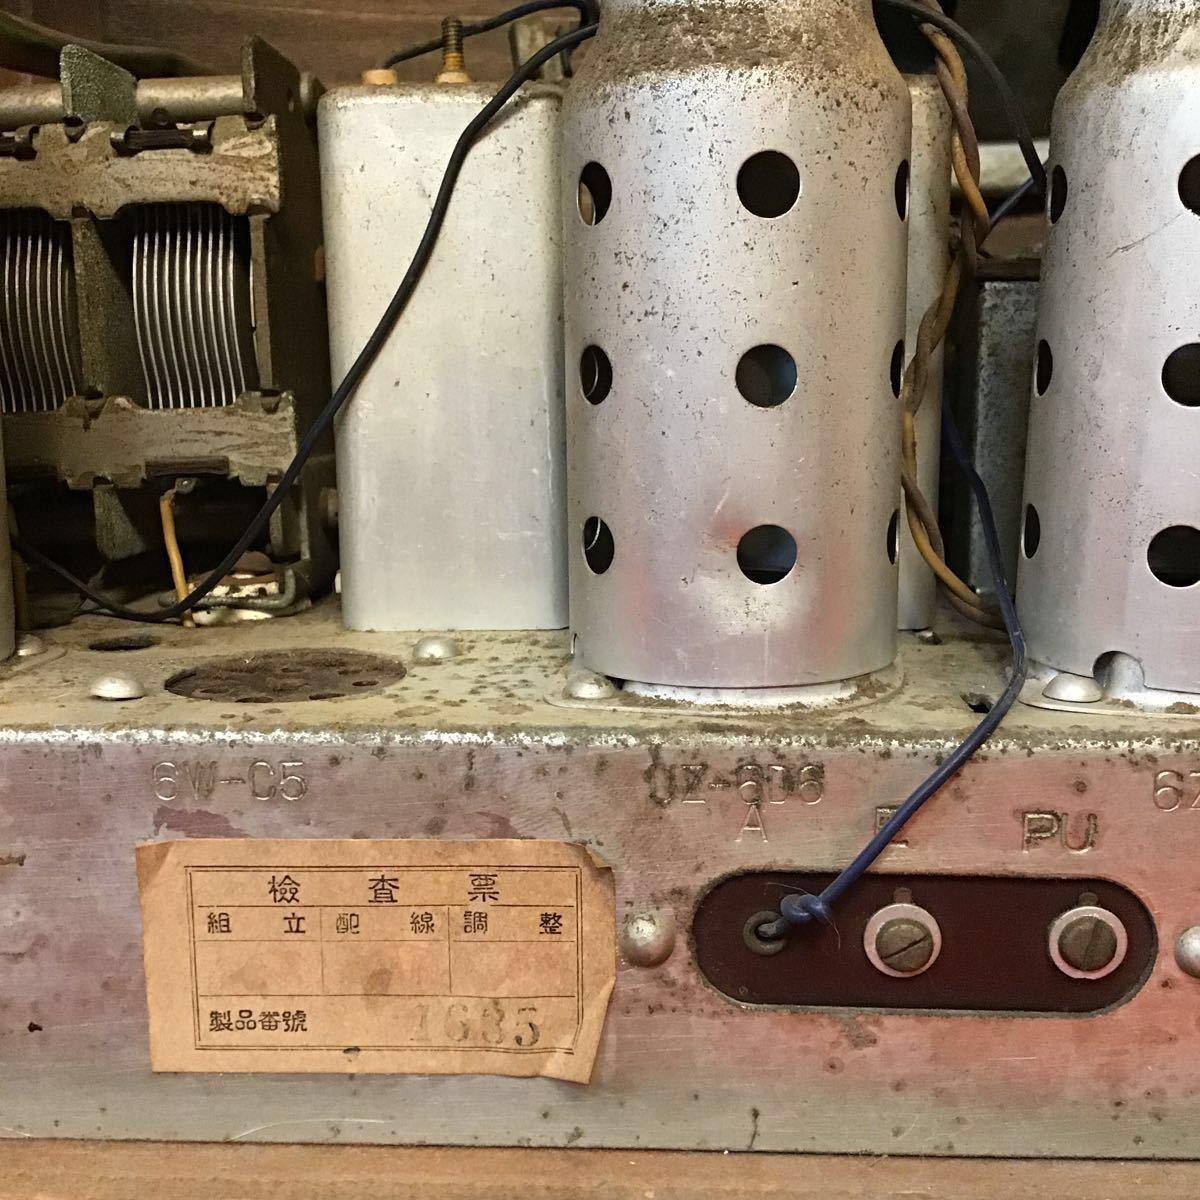 サンヨーラジオ 真空管ラジオ SS-702型 三洋電機株式会社 製品番号1635 ラジオ 当時の品 昭和レトロ レトロ ジャンク 真空管無し_画像9